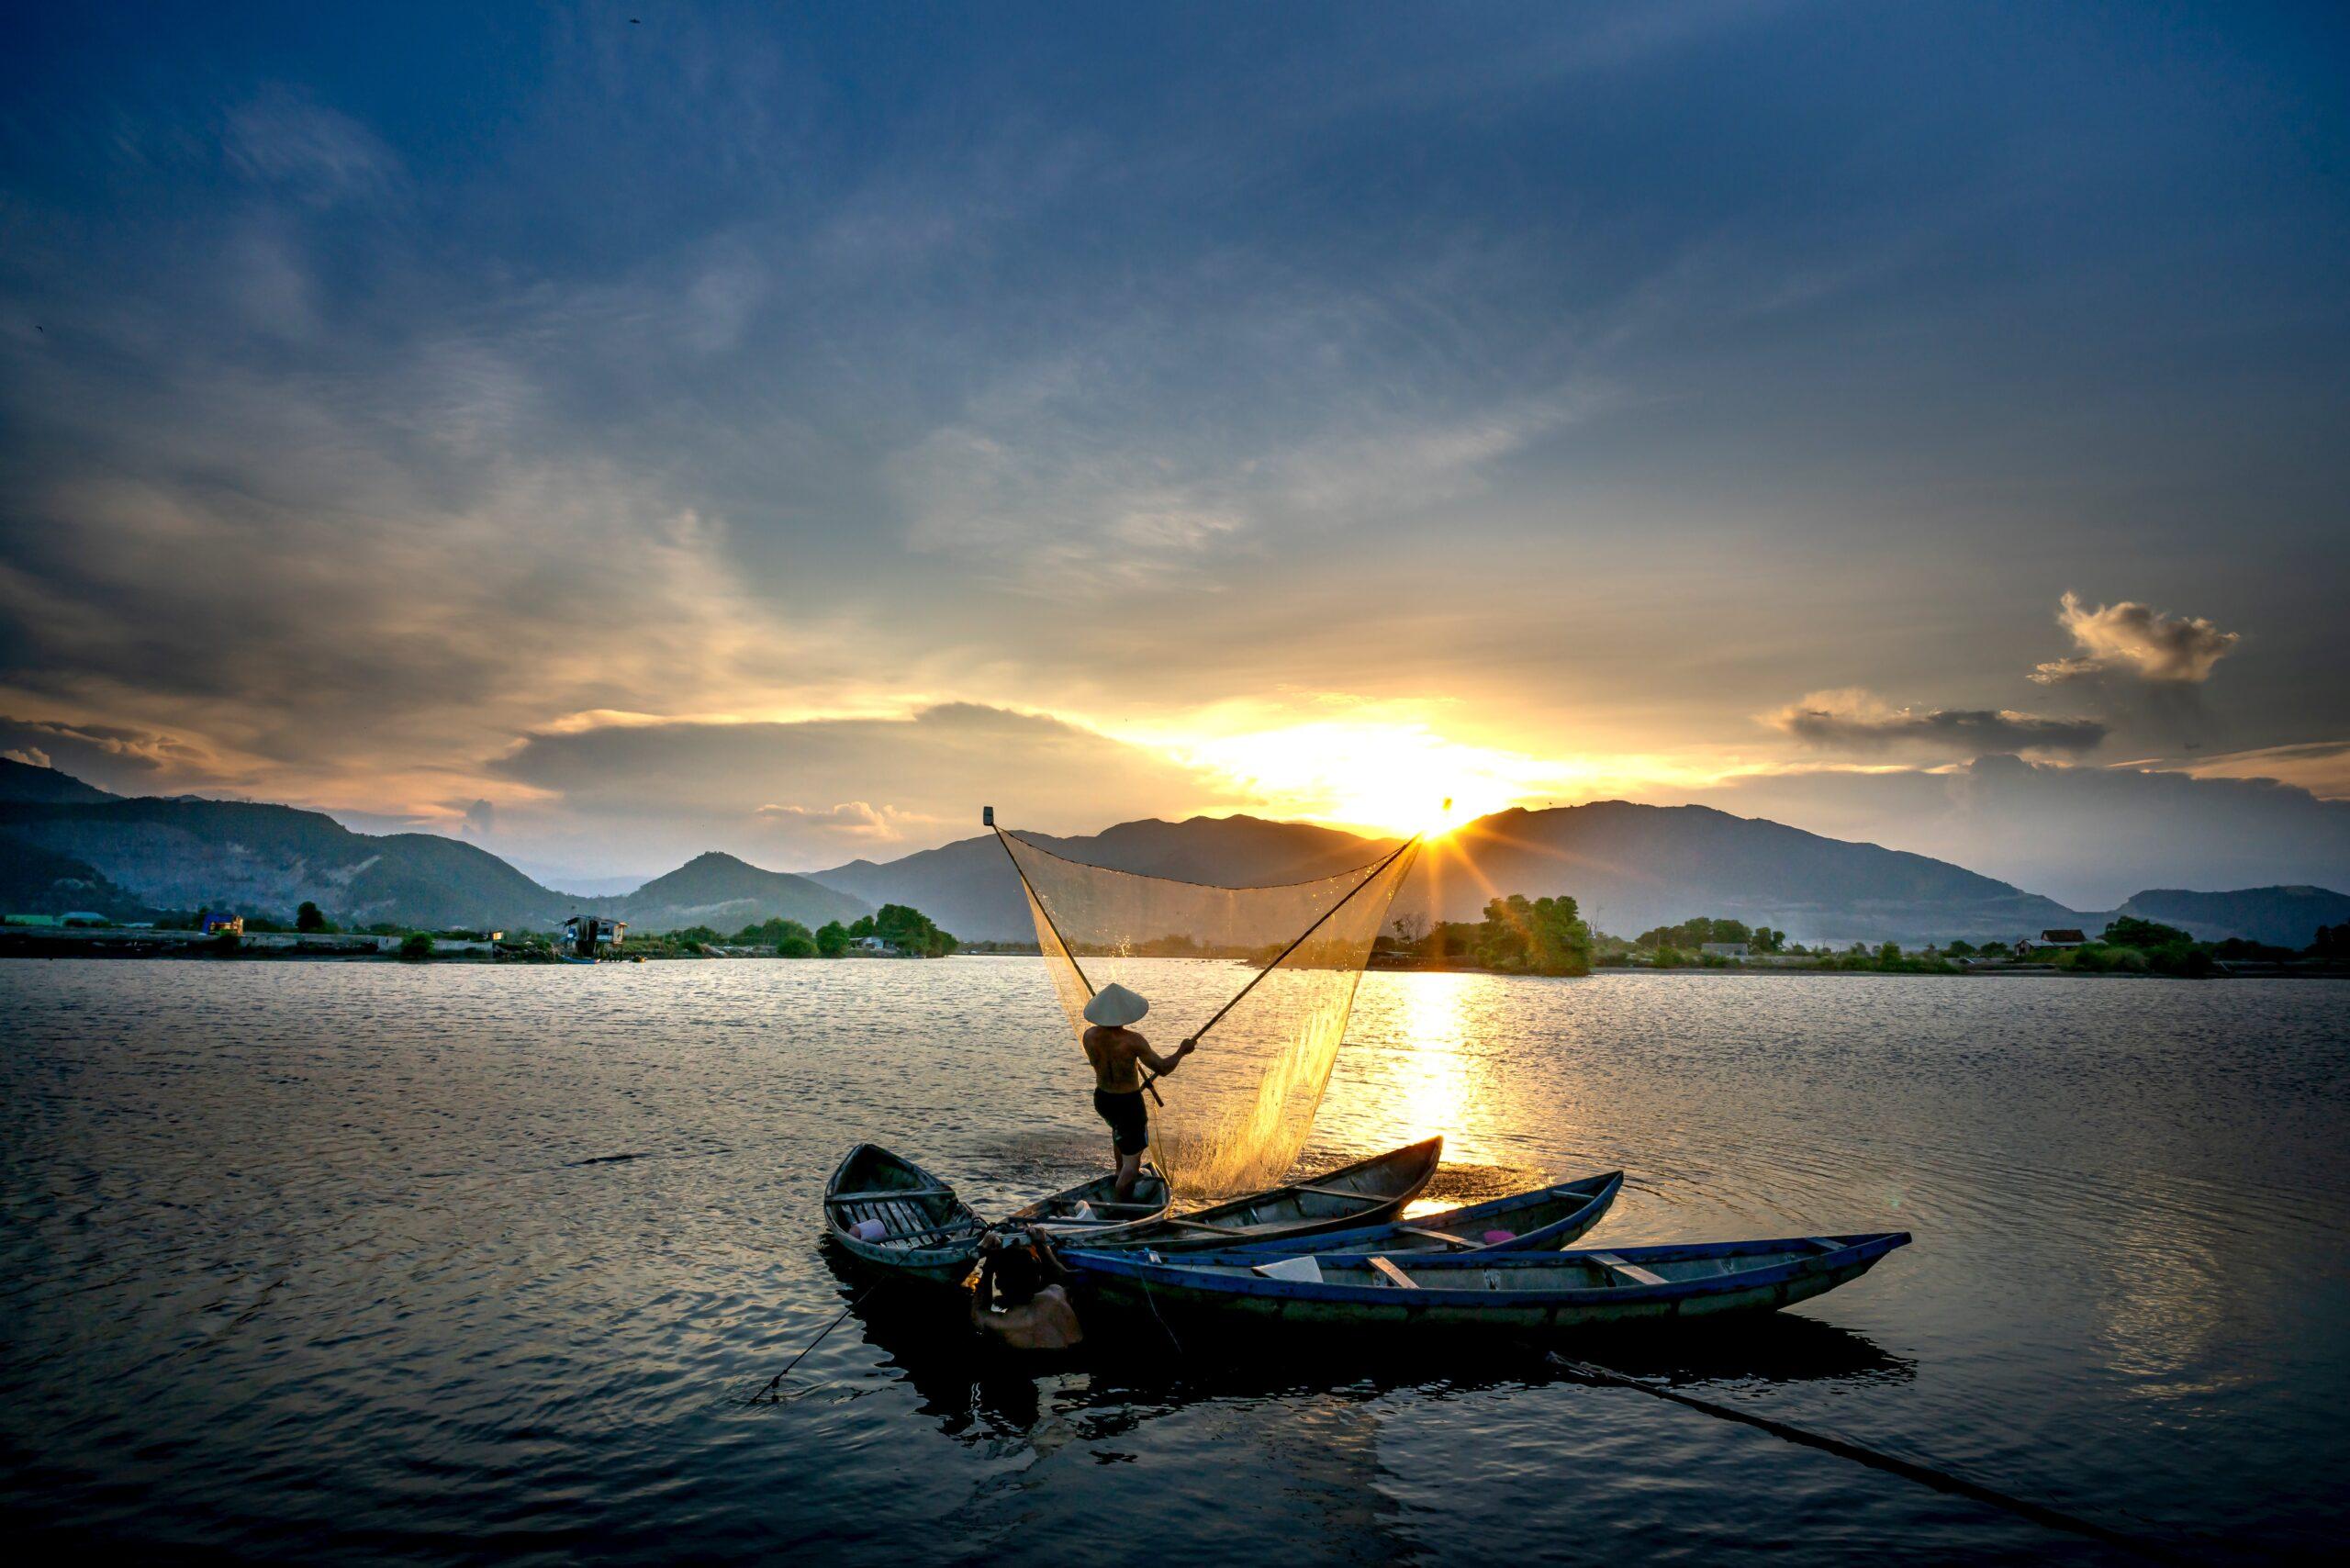 ミャンマーのクーデターの現状と送り出しに関する見通し